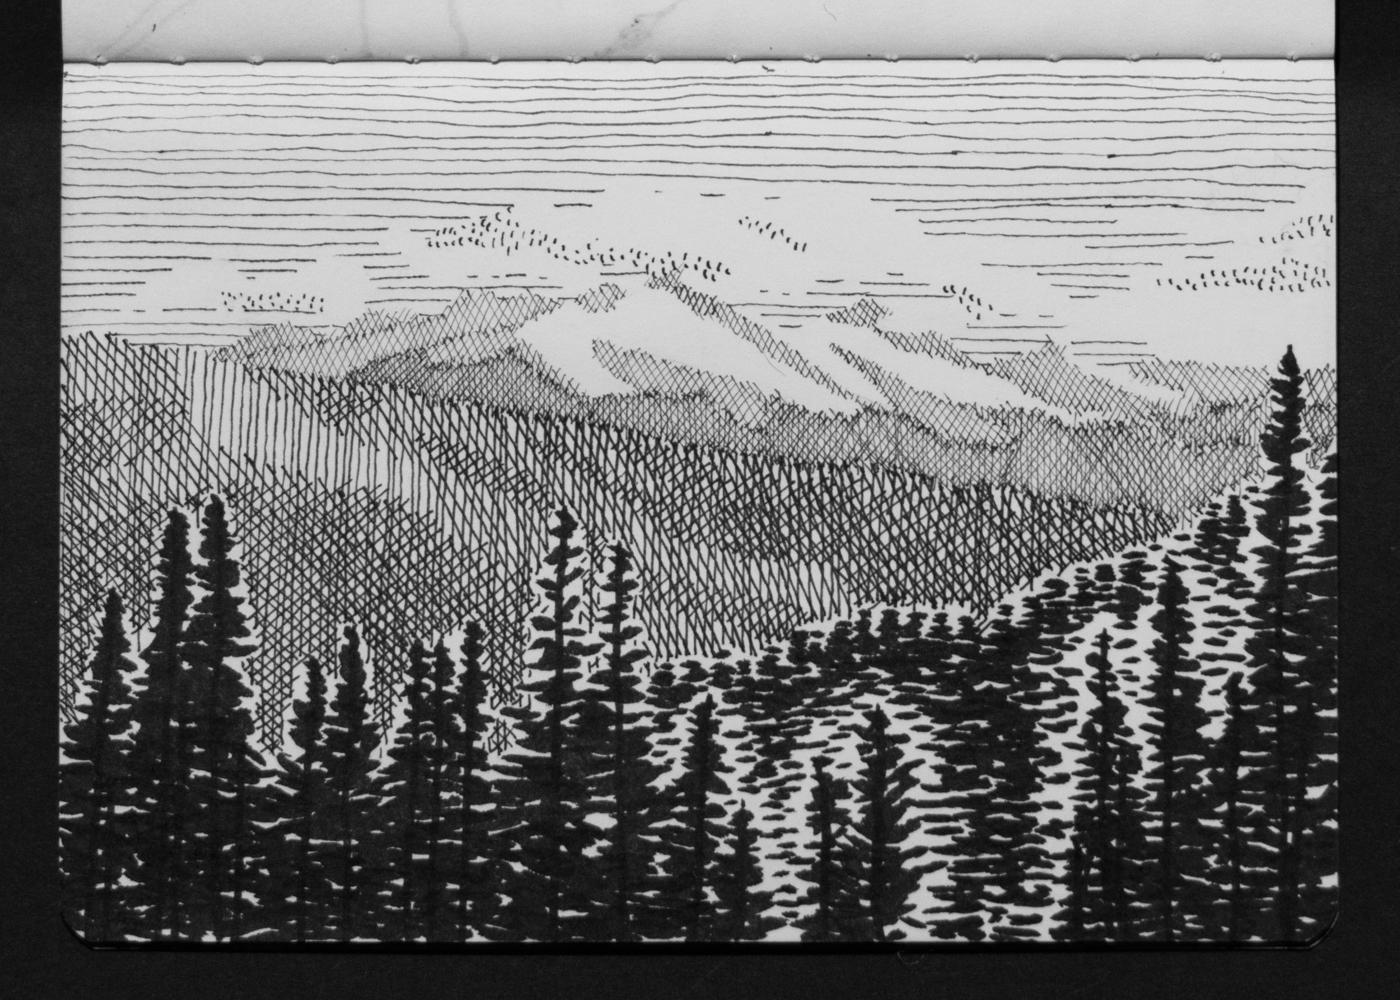 03-15 Homestake Peak from Vail Pass.jpg